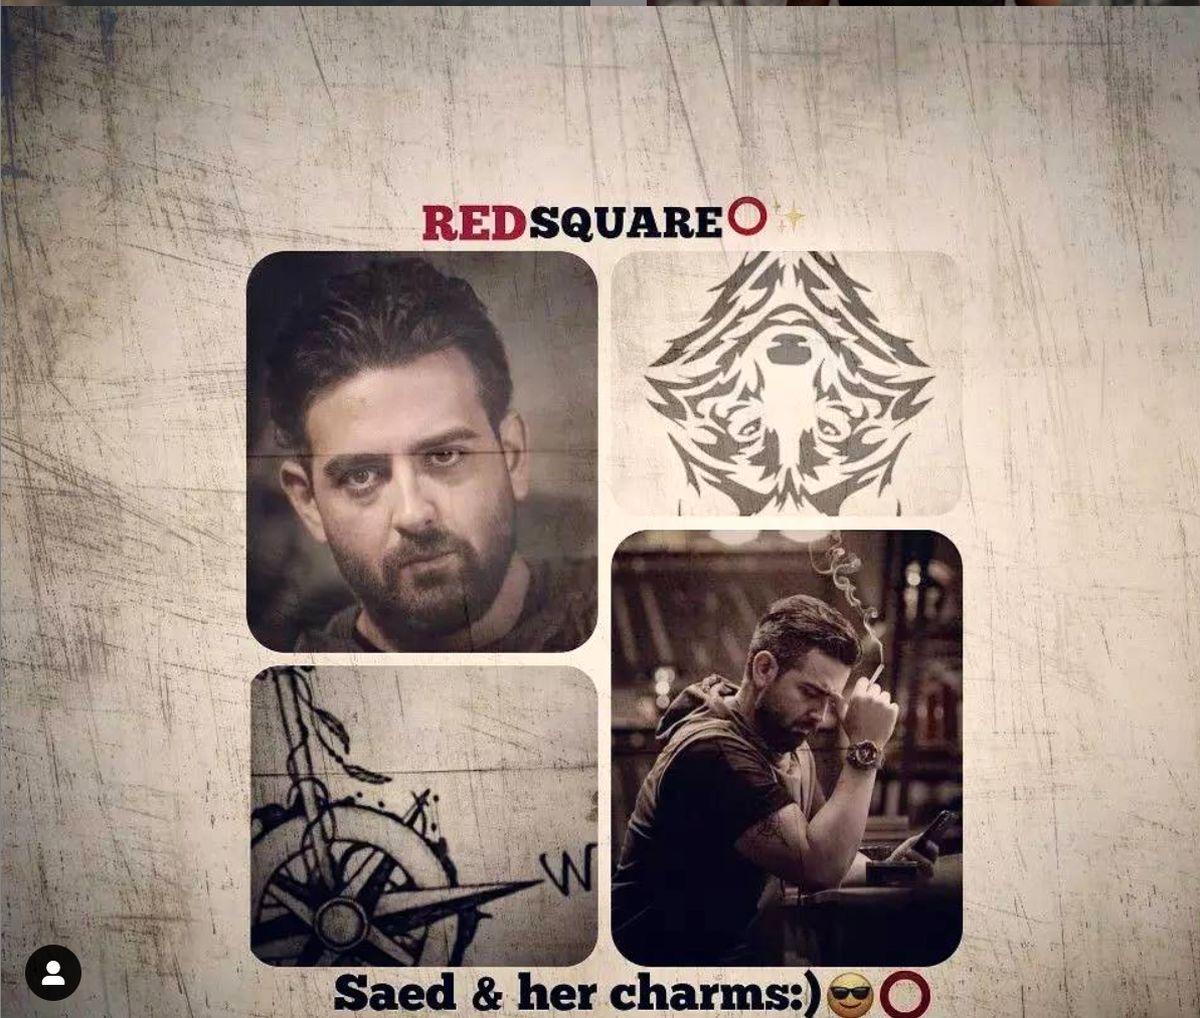 سکانس های سریال میدان سرخ نیامده لو رفت+ ویدئو